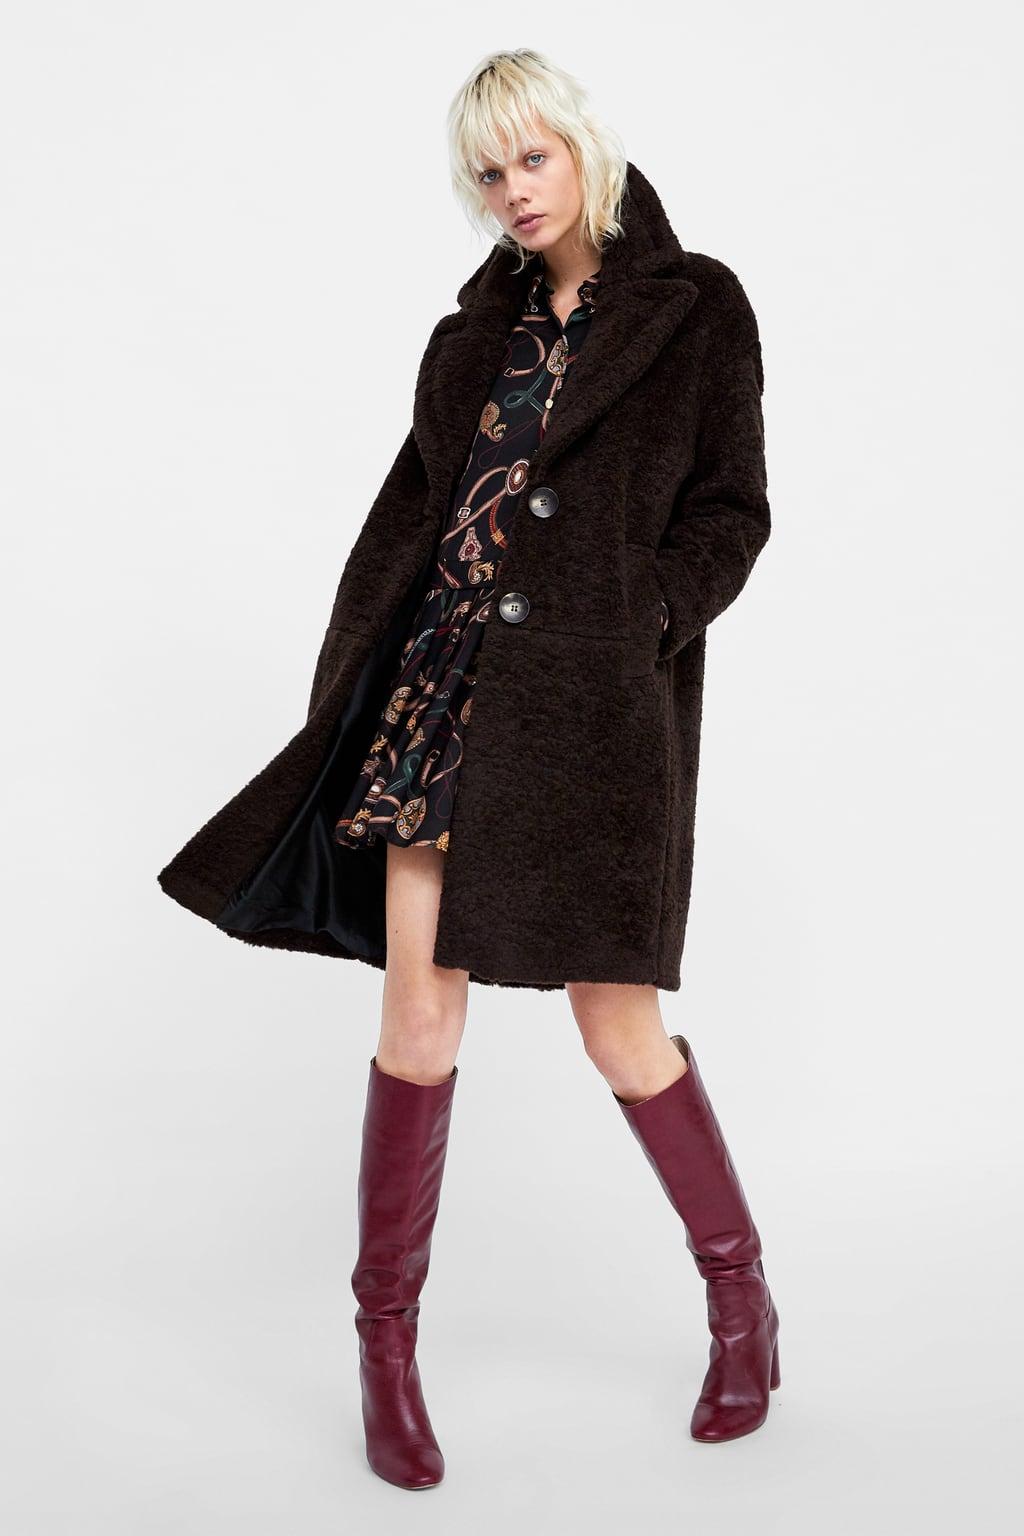 ZARA  10+1 υπέροχα παλτό που θα σας κρατήσουν ζεστές και στυλάτες ... 91ad383a4b8